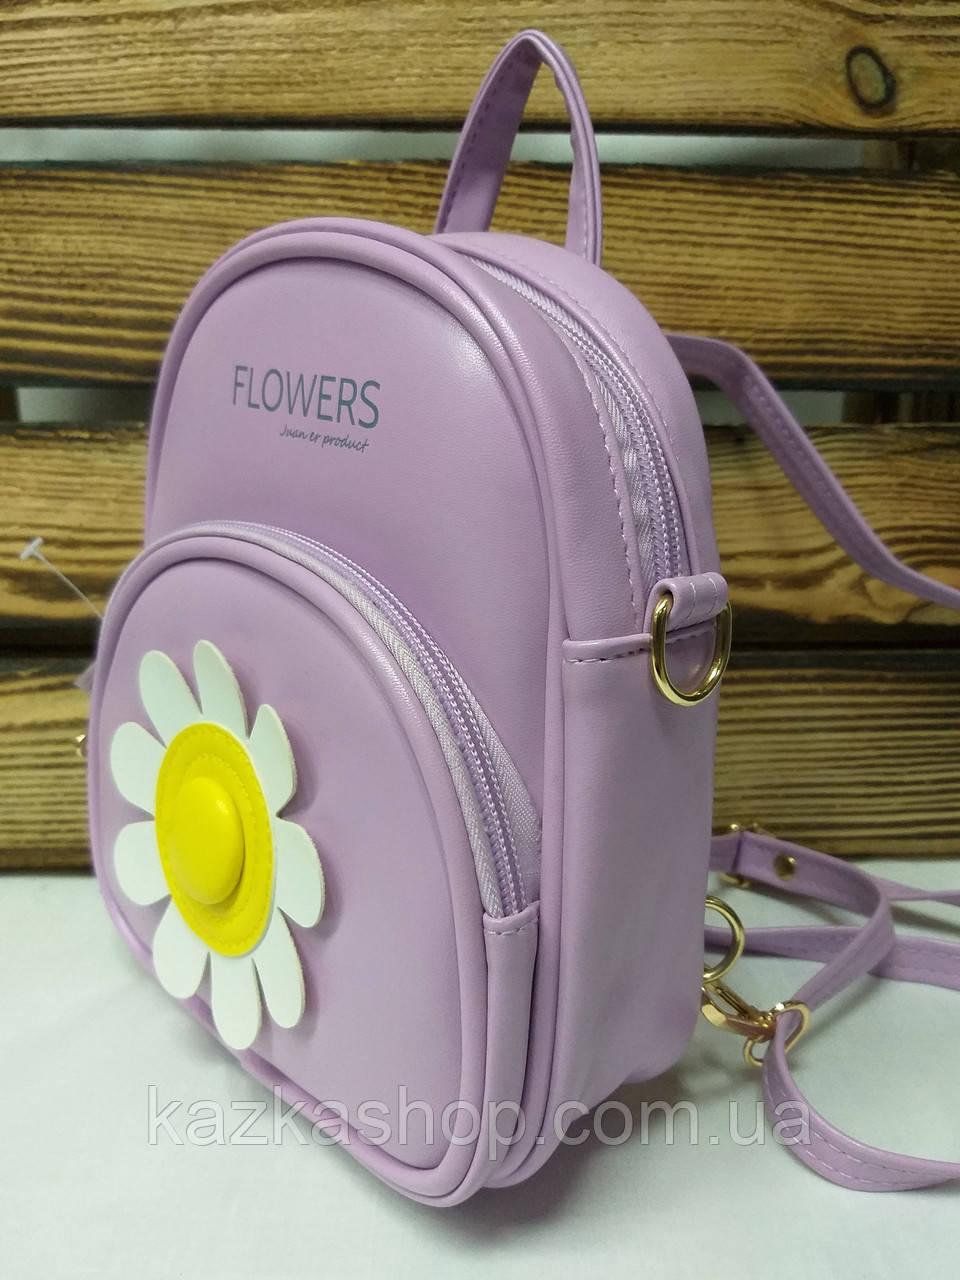 Маленькая сумка-рюкзак из искусственной кожи фиолетового цвета с ромашкой